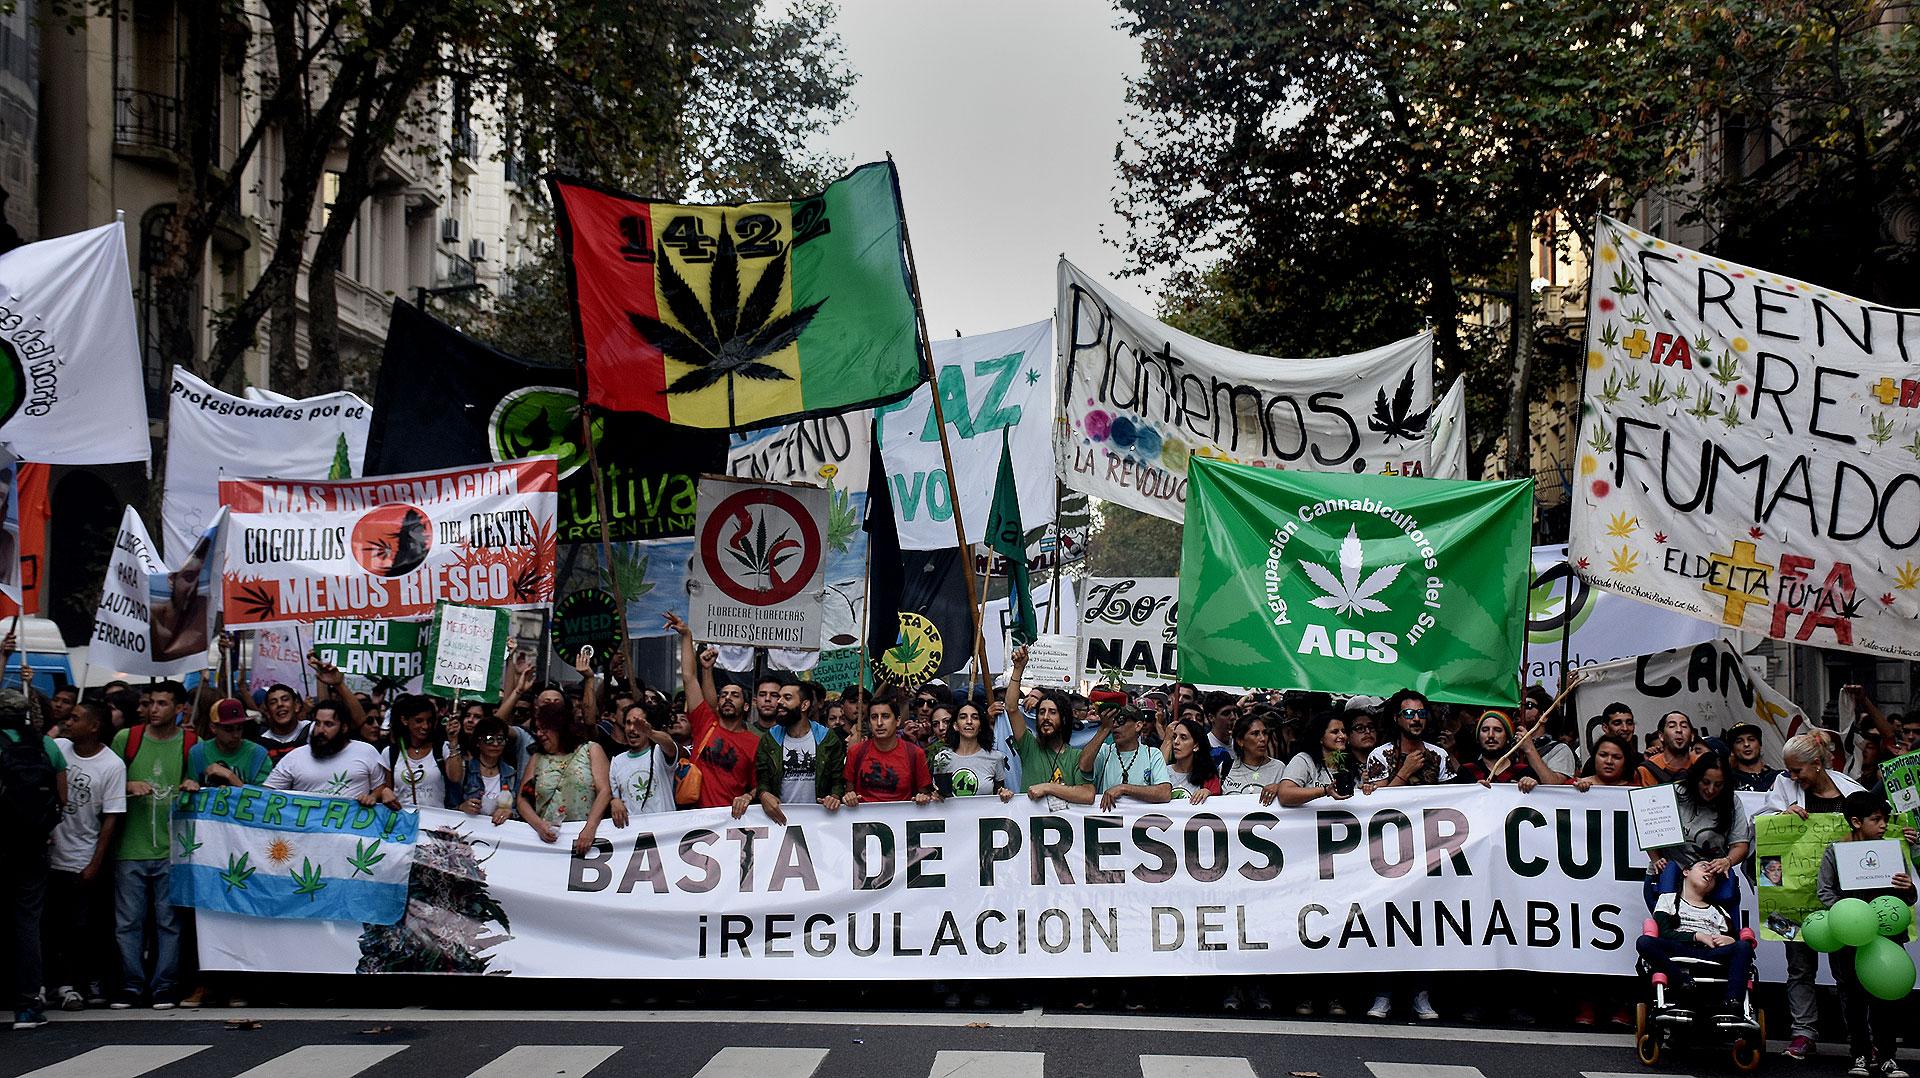 Una multitud marchó al Congreso para pedir la legalización del autocultivo  de cannabis - Infobae